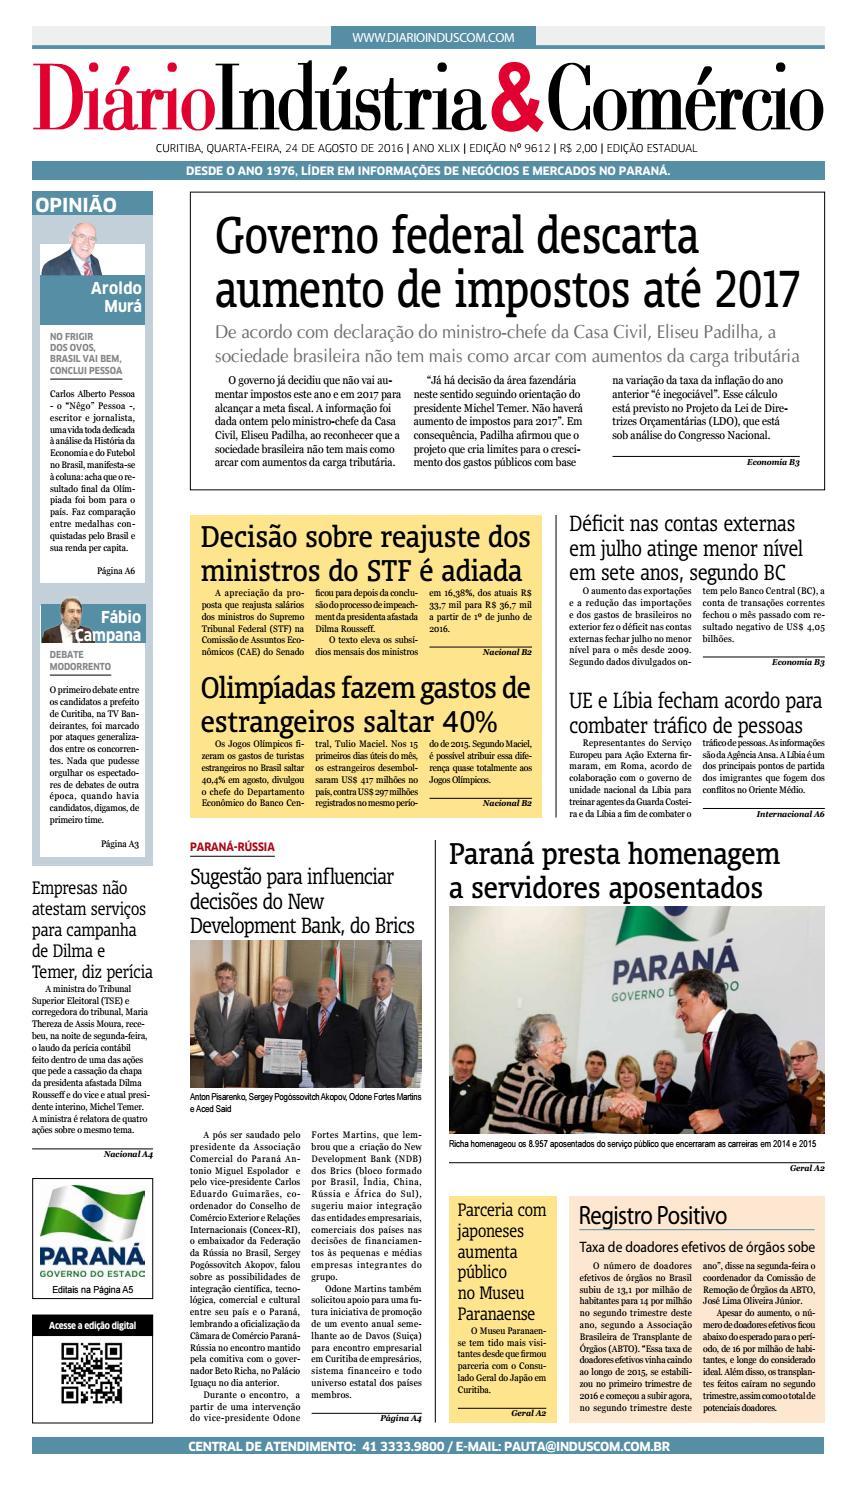 00659909b Diário Indústria Comércio - 24 de agosto de 2016 by Diário Indústria    Comércio - issuu